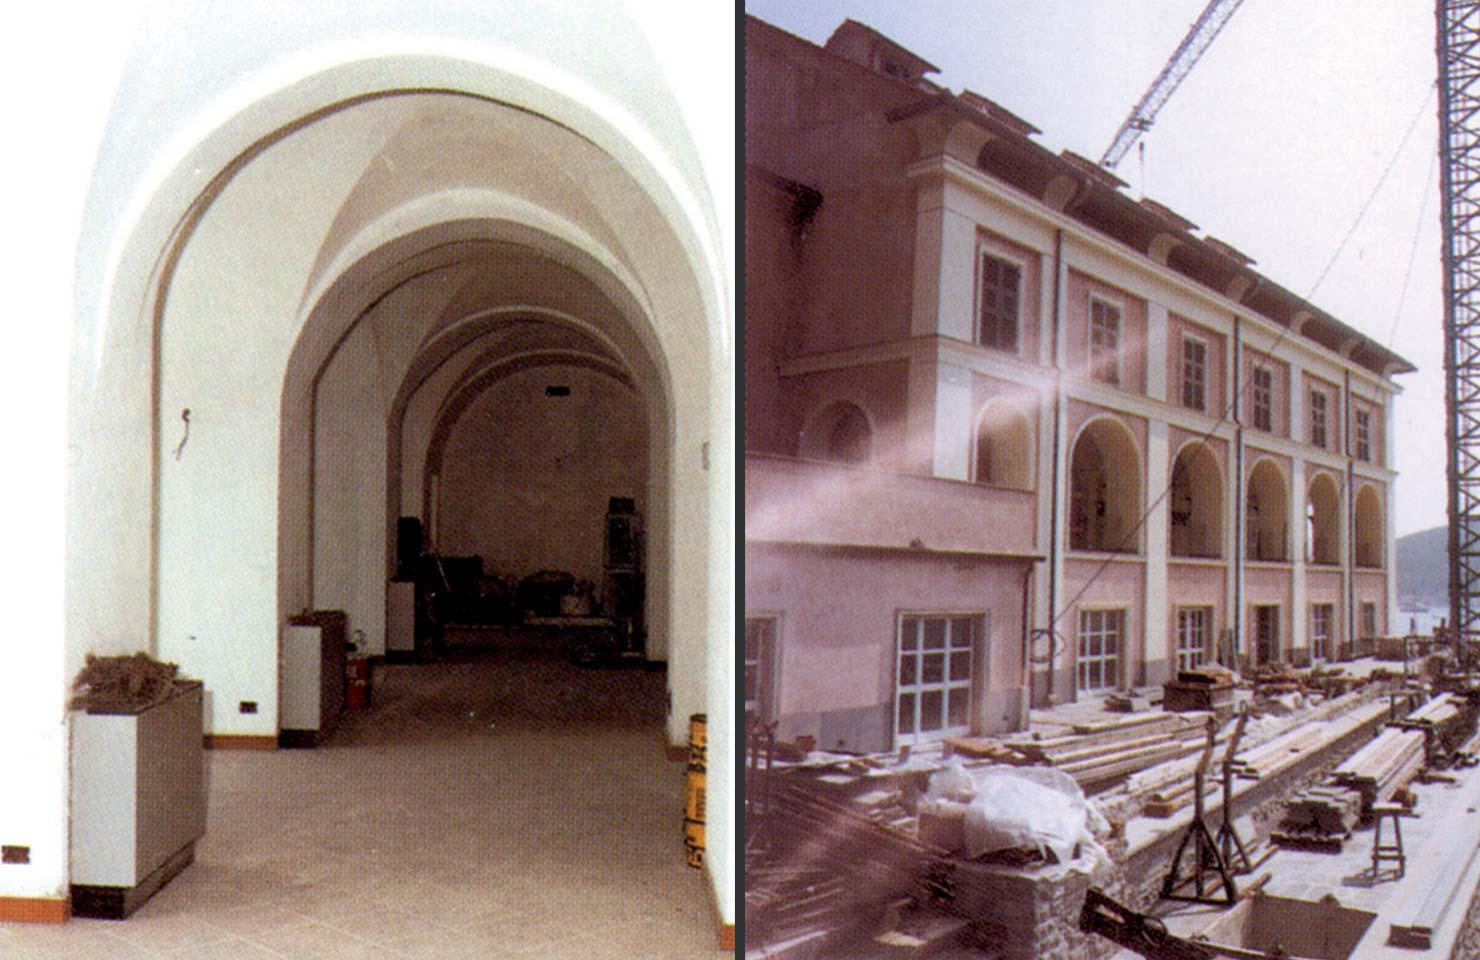 Ristrutturazione ex convento del 1500 in complesso alberghiero-Portovenere(SP)